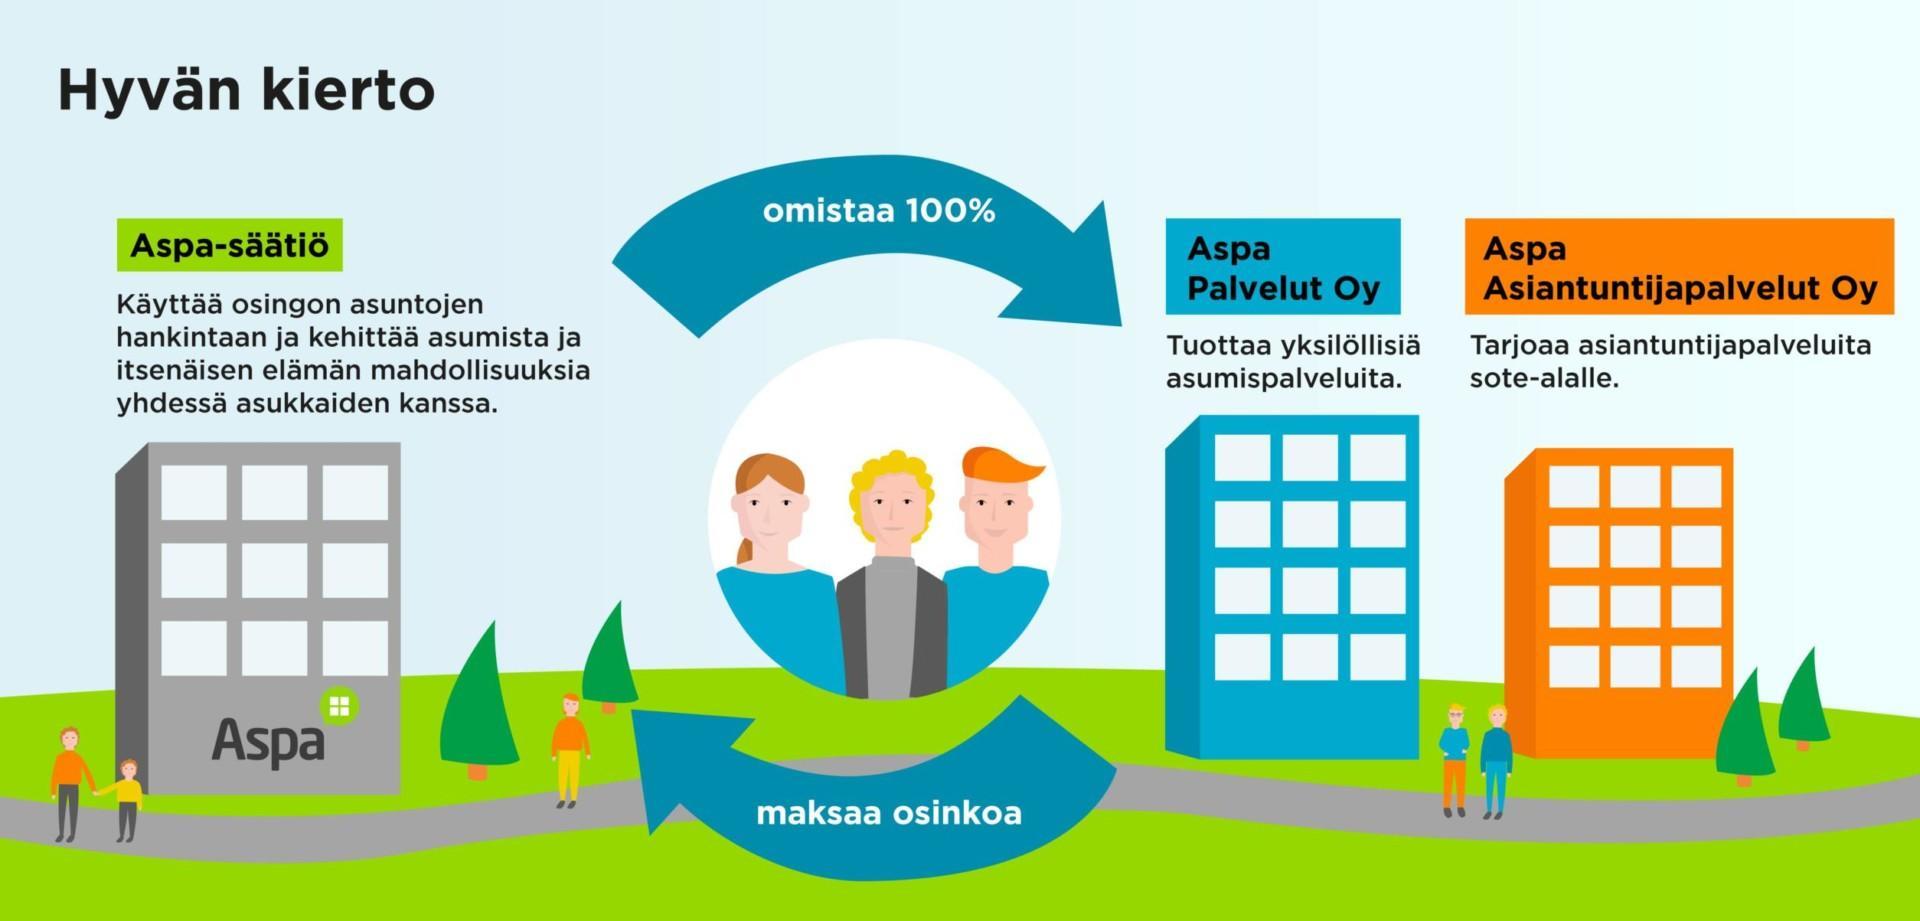 Hyvän kierto Aspassa. Aspa Palvelut Oy tuottaa yksilöllisiä asumispalveluja. Aspa Asiantuntijapalvelut Oy tarjoaa asiantuntijapalveluita sote-alalle. Molemmat yhtiöt maksavat osinkoa Aspa-säätiölle, joka käyttää osingon asuntojen hankintaan ja kehittää asumista ja itsenäisen elämän mahdollisuuksia yhdessä asukkaiden kanssa. Aspa-säätiö omistaa Aspa Palvelut Oy:n ja Aspa Asiantuntijapalvelut Oy:n sataprosenttisesti.